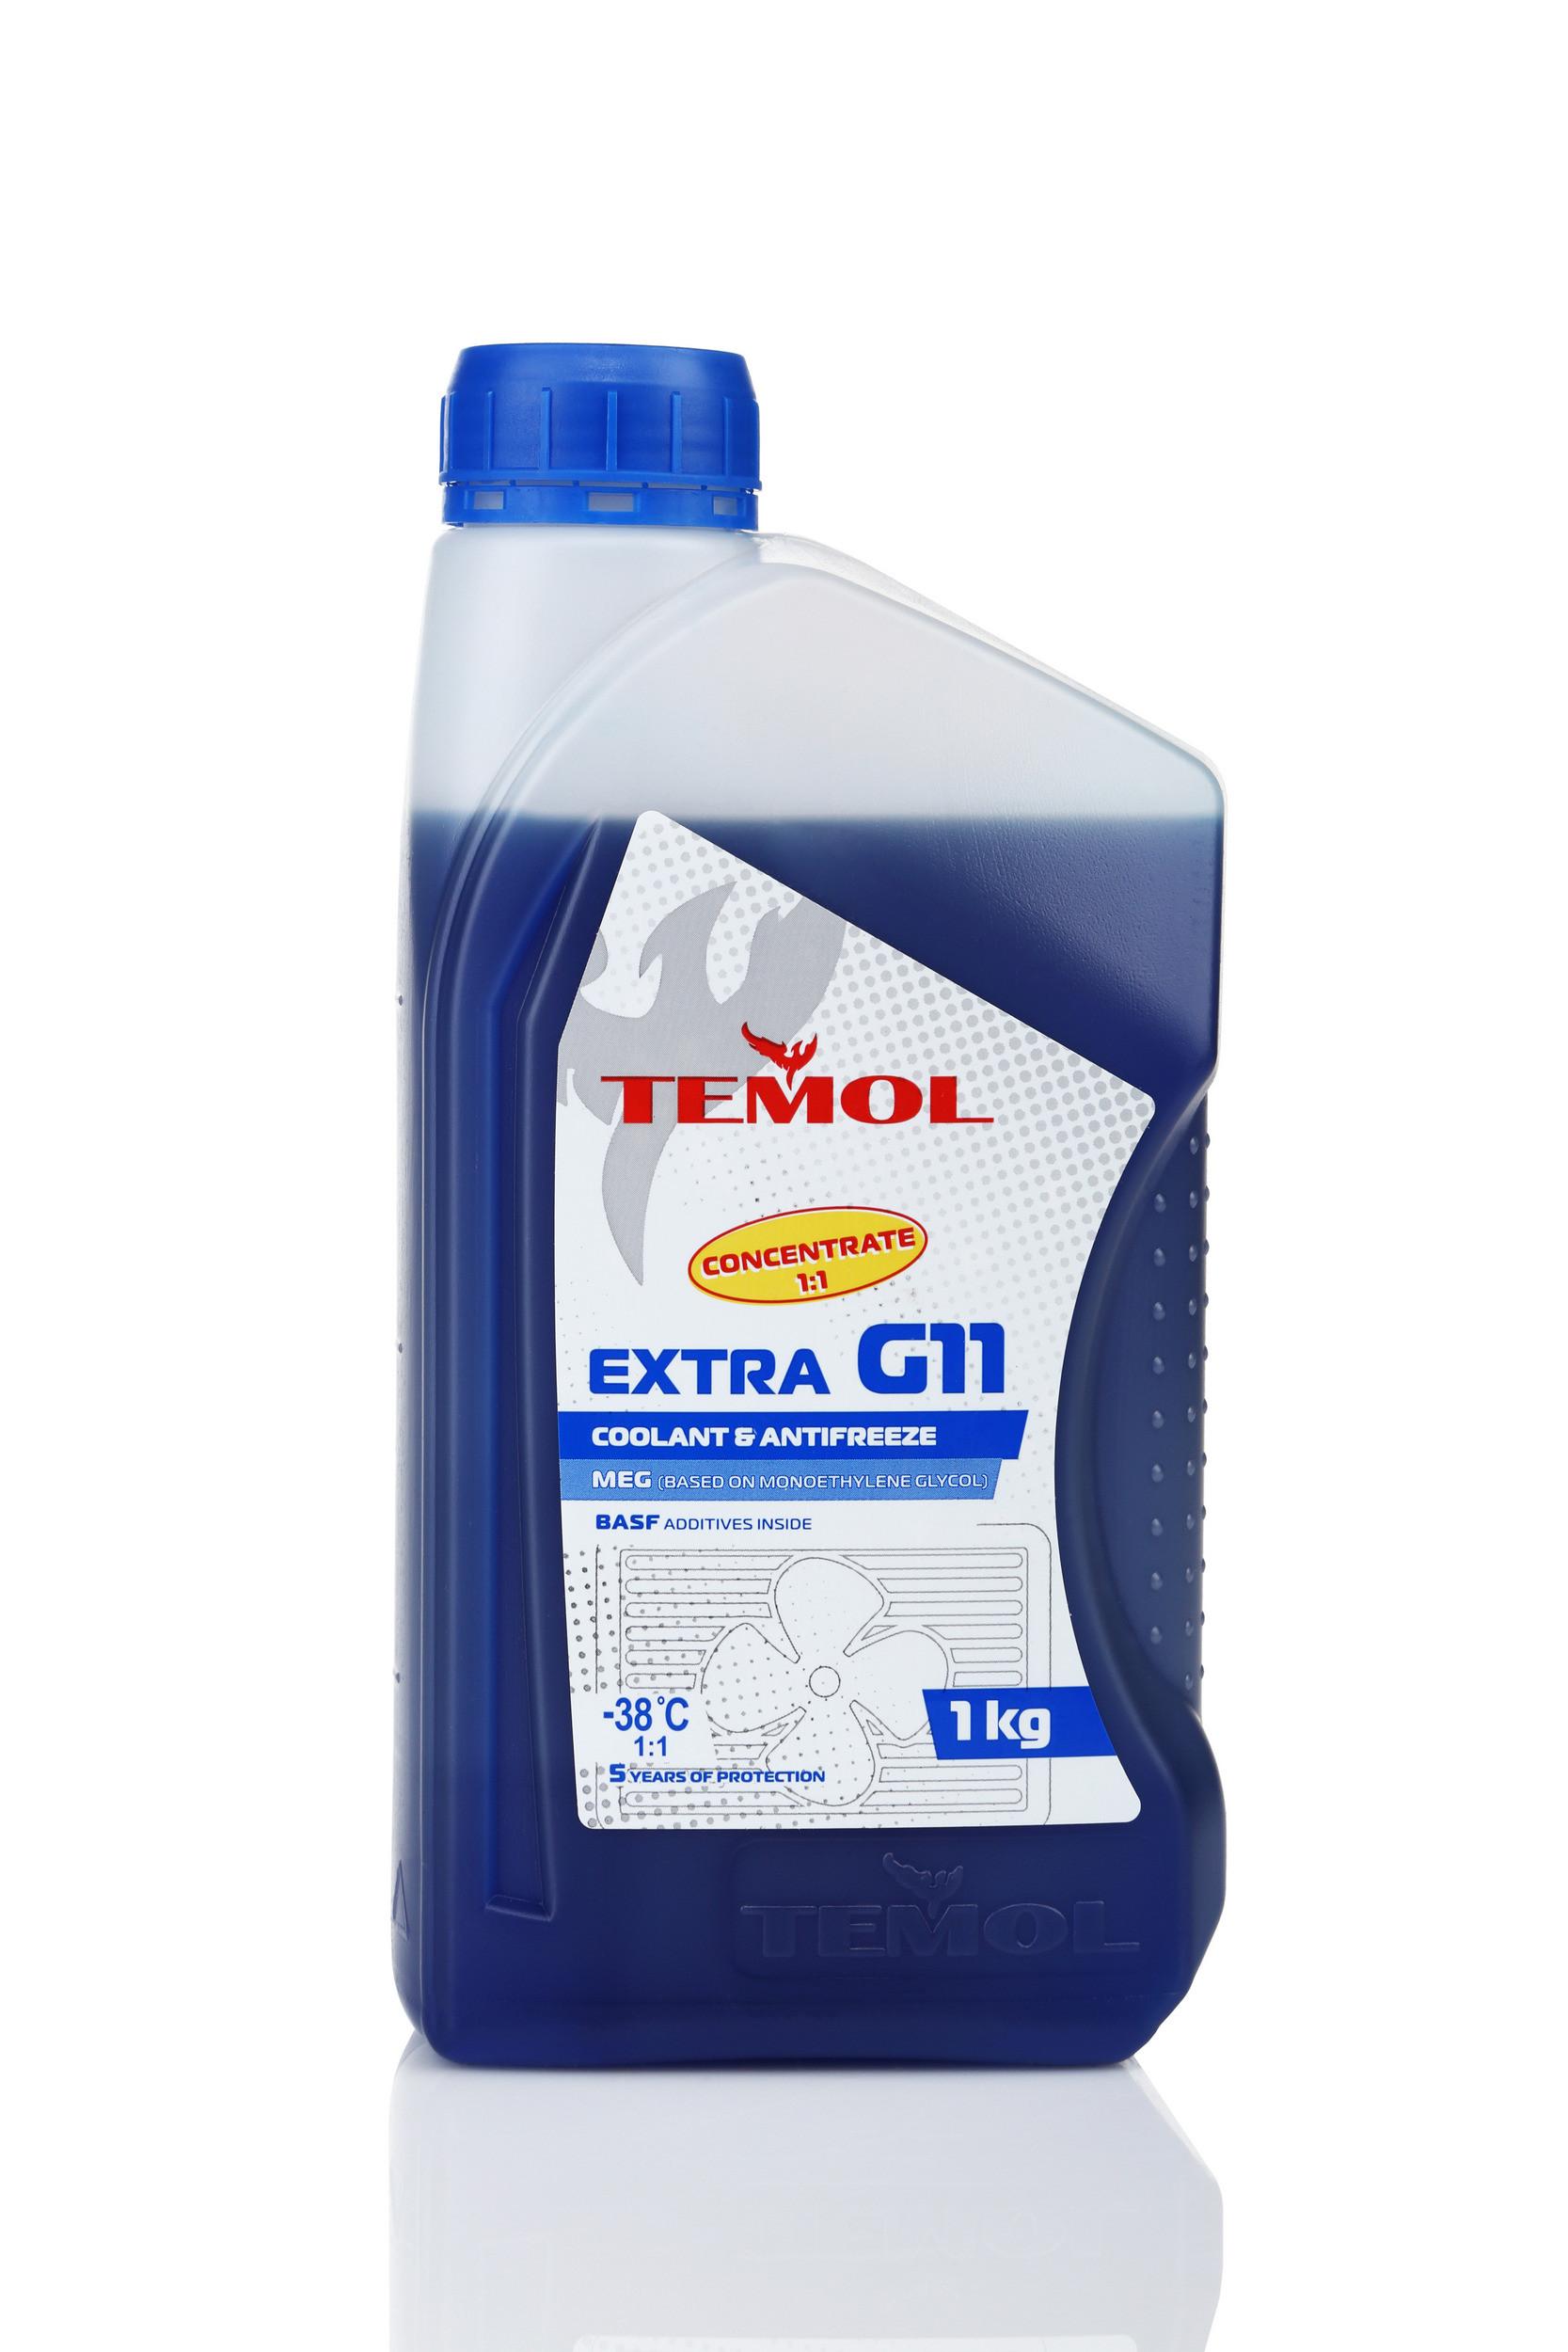 TEMOL ANTIFREEZE EXTRA CONCENTRATE G11 BLUE - 1L - Temol, официальный интернет-магазин